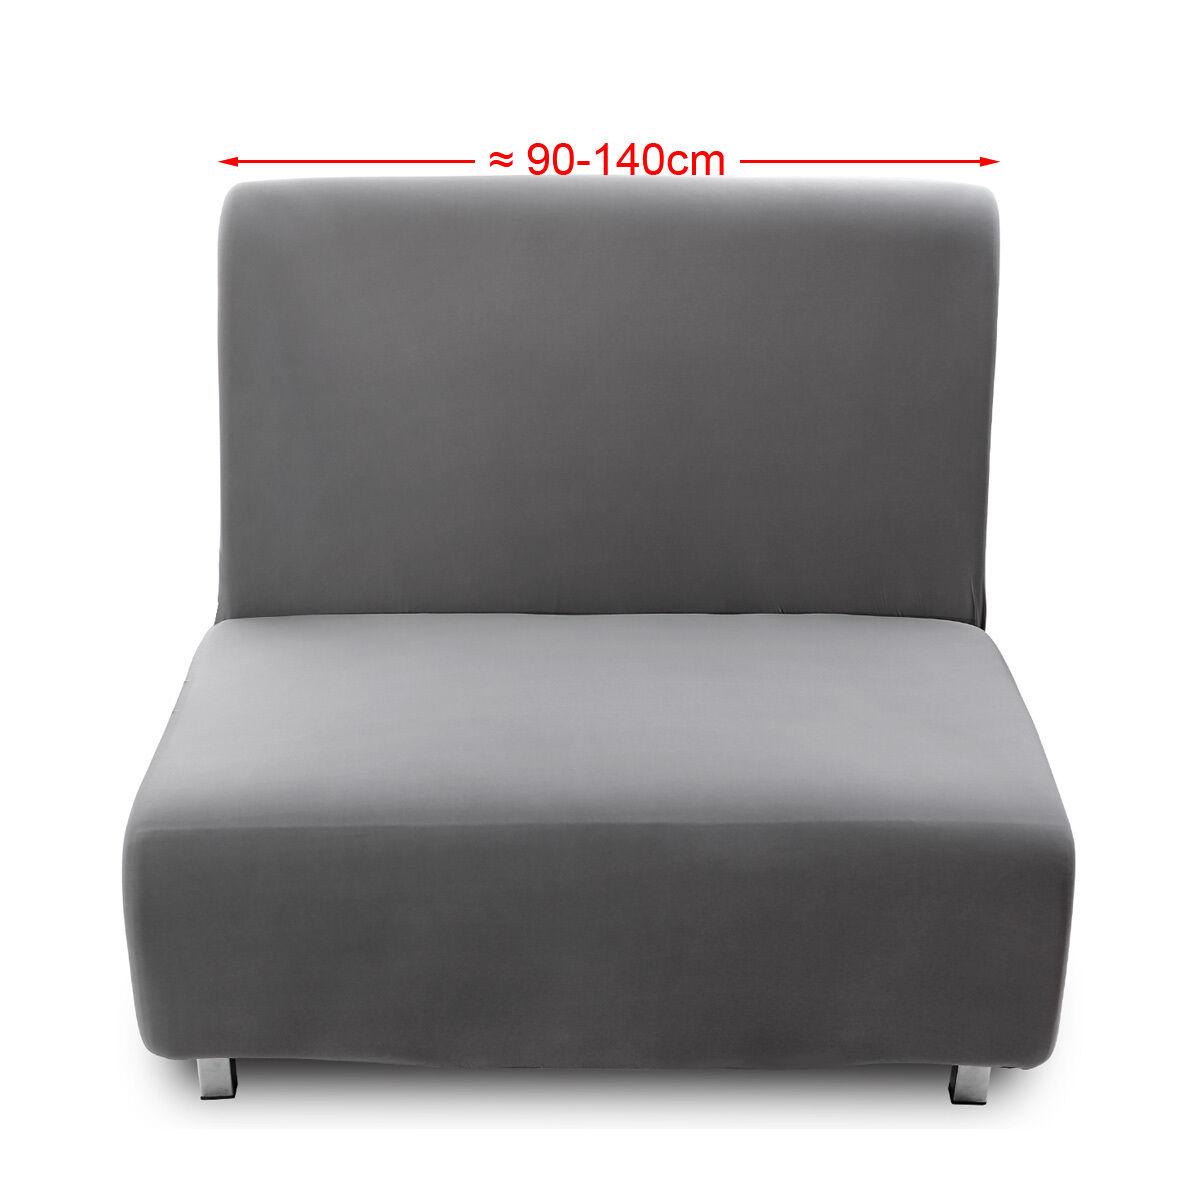 s l1600 - Fundas para sofás Cama Clic-Clac Brazos de madera Funda para sofá 1/2/3 plazas